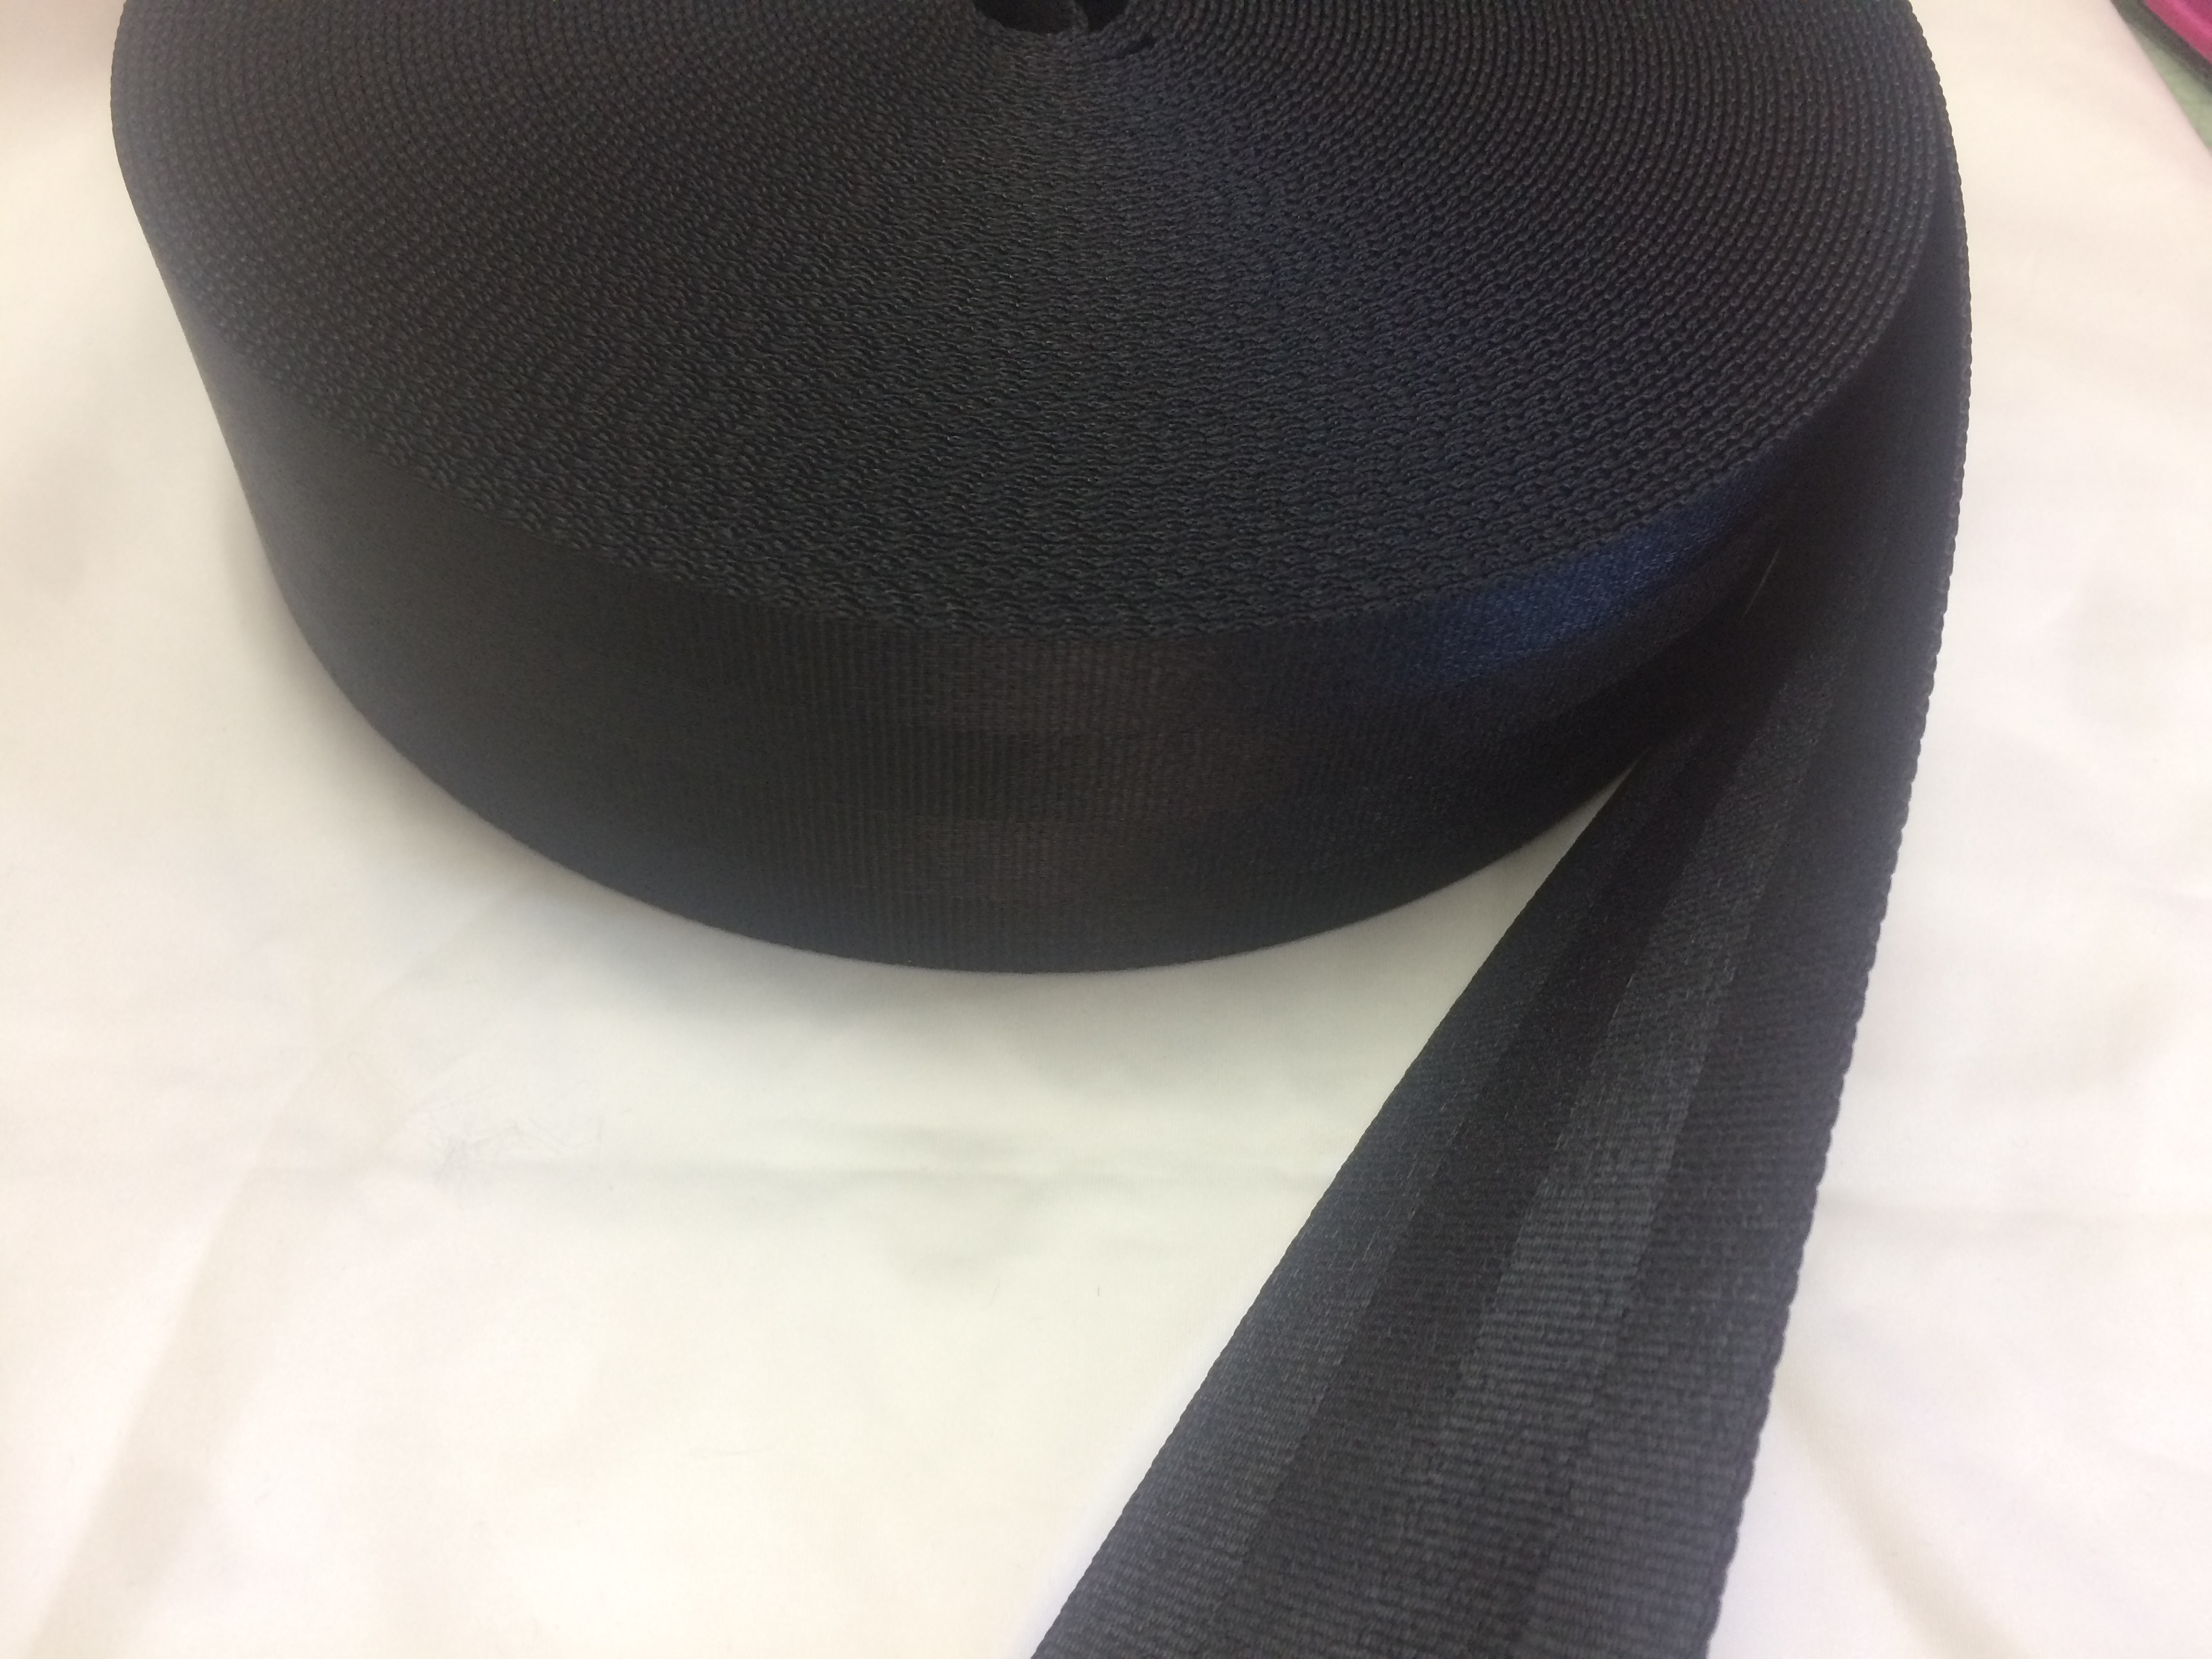 ナイロン ベルト 二ツ山織 50㎜幅 1.6㎜厚 黒 5m